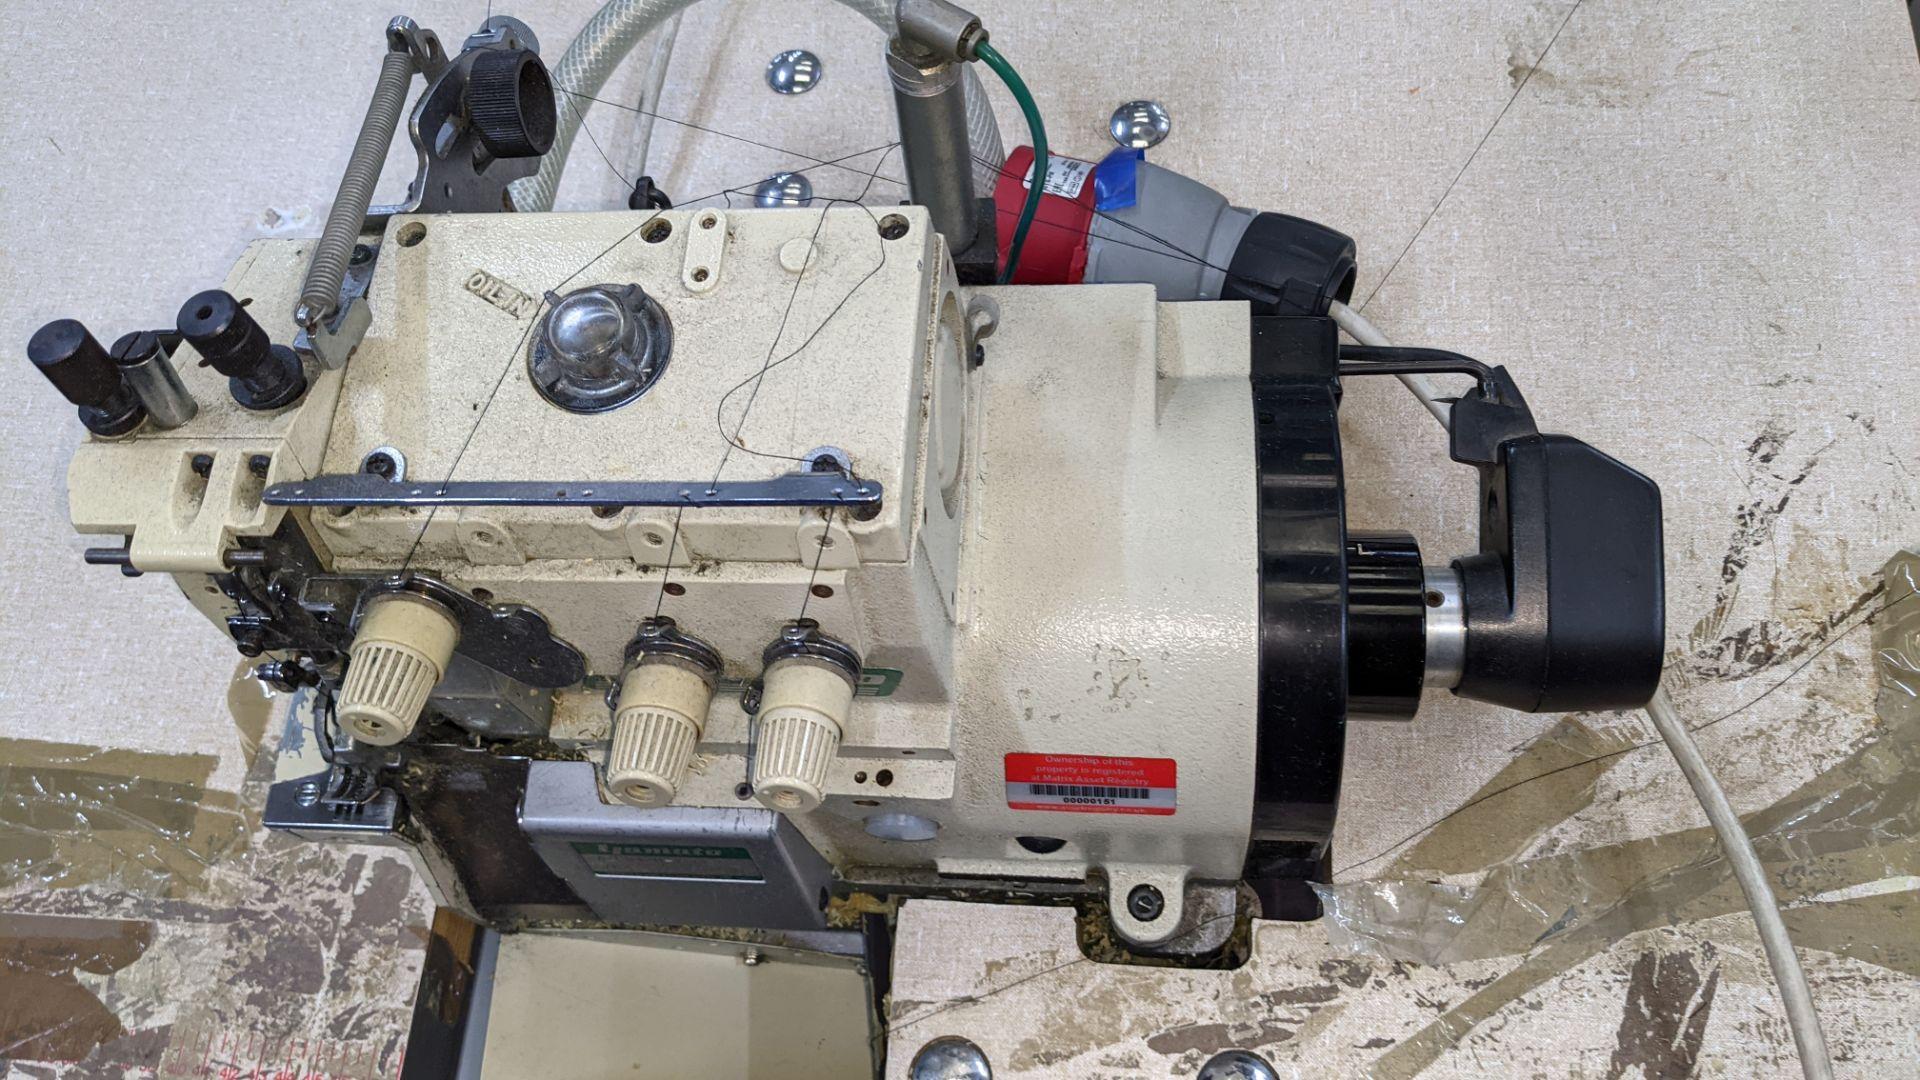 Yamato overlocker, model AZR8420-YSDF - Image 10 of 15